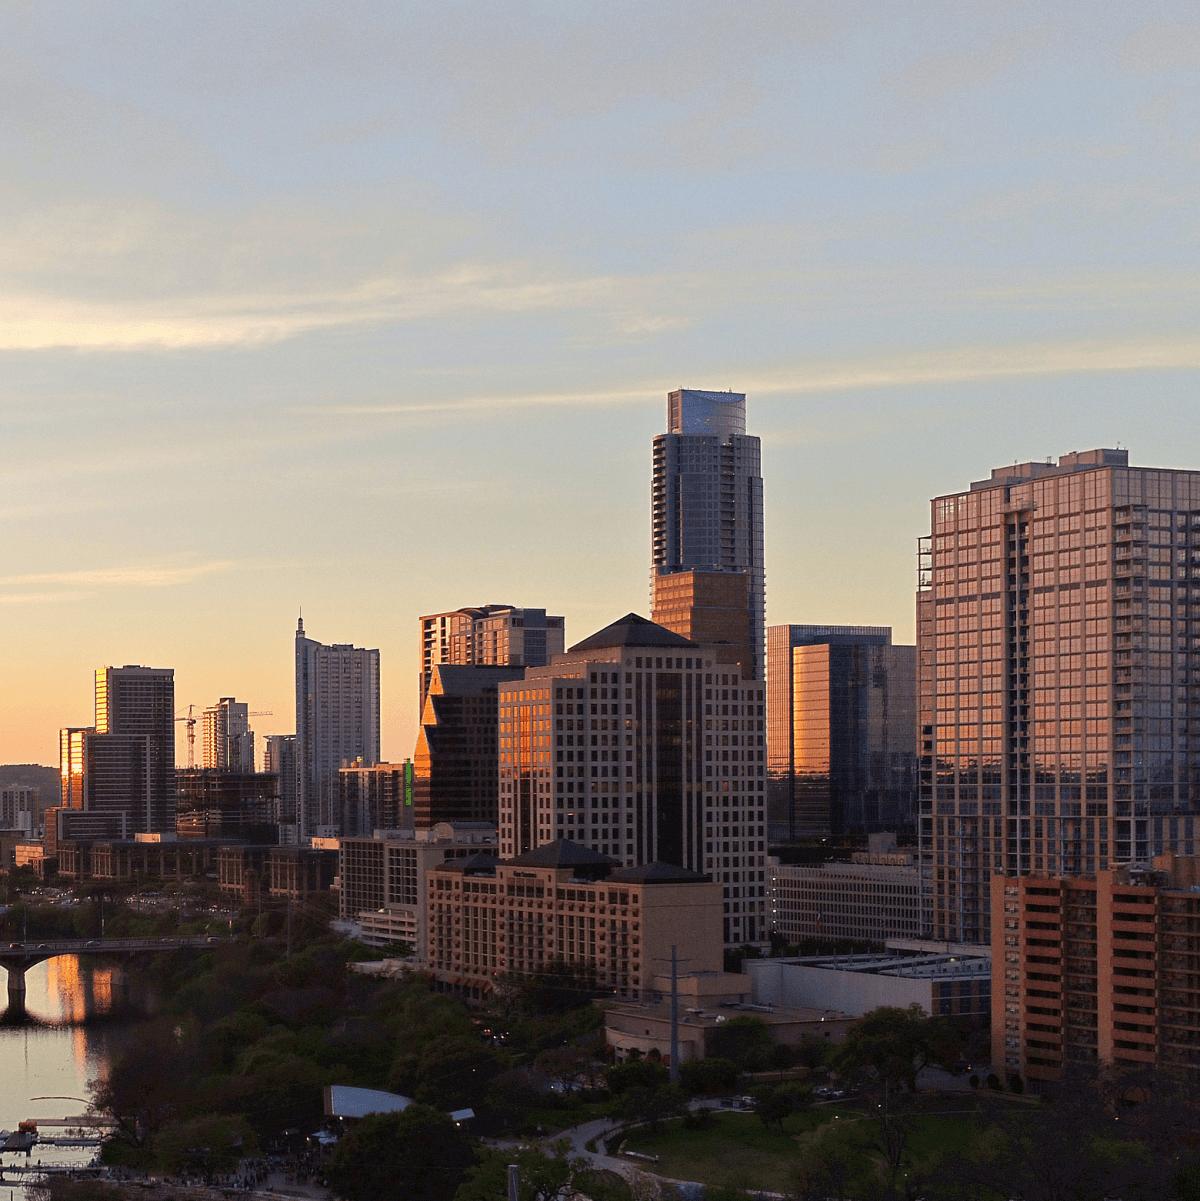 70 Rainey condo downtown Austin skyline view